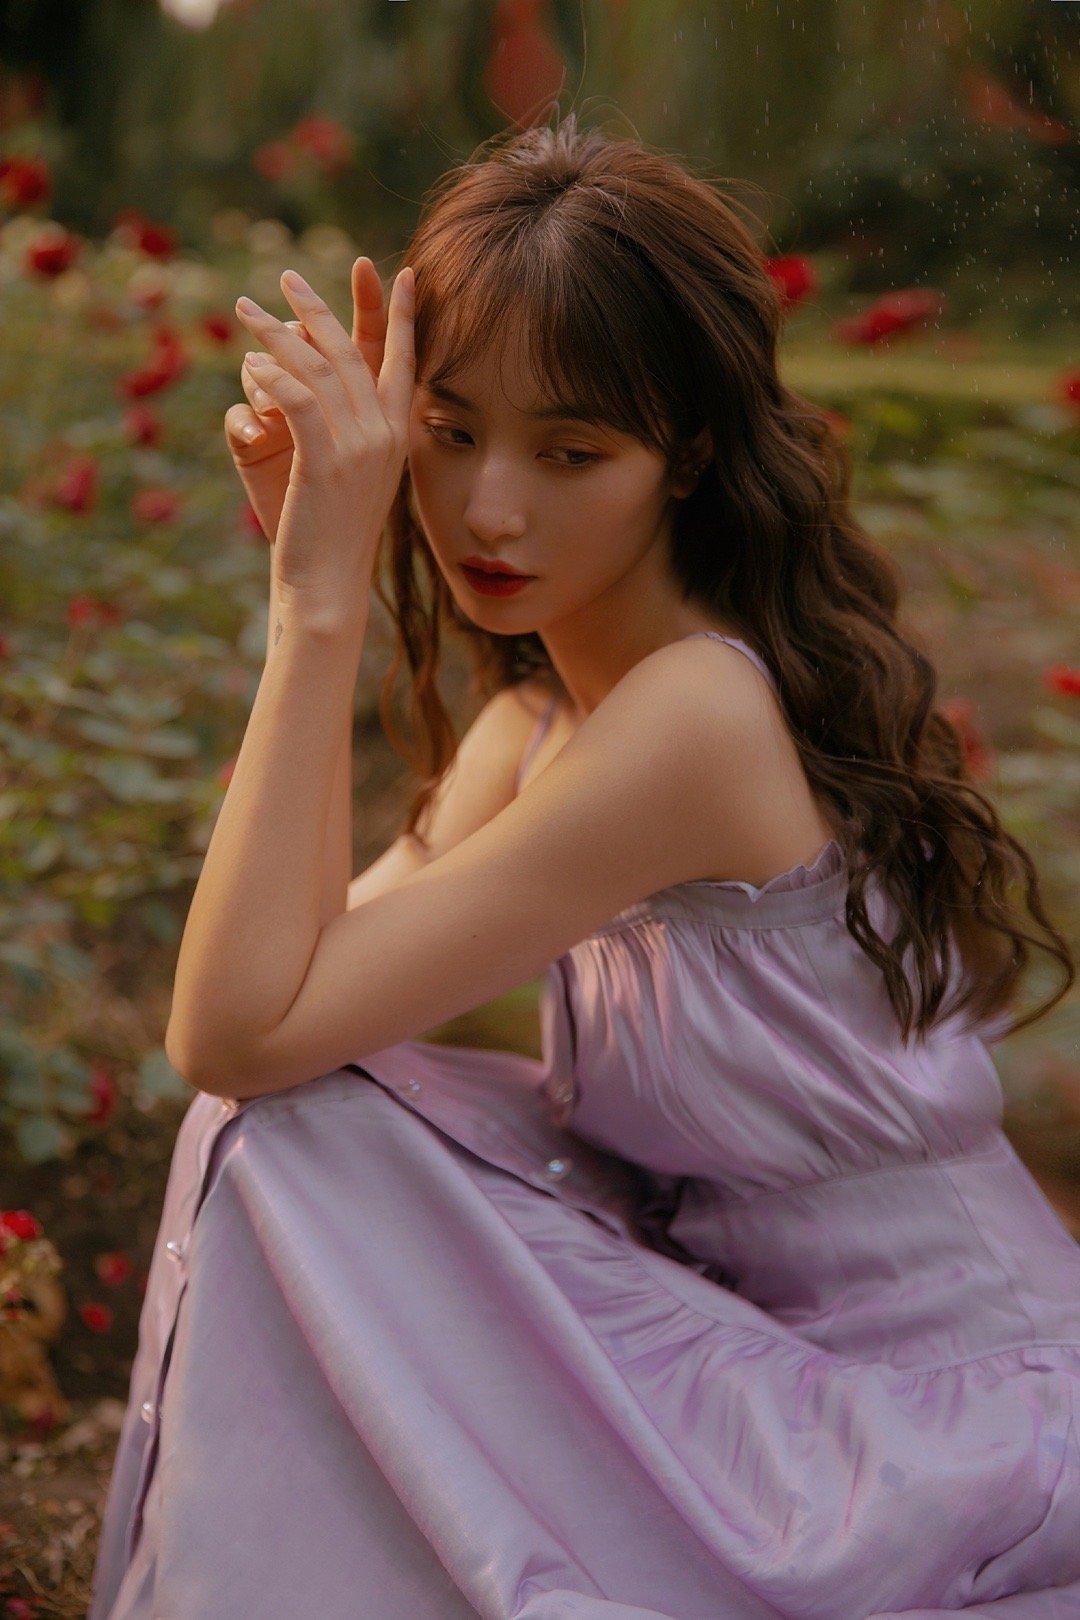 记录了一个玫瑰免费的午后出镜@_输赢_ 摄影@杨雨薇Mier